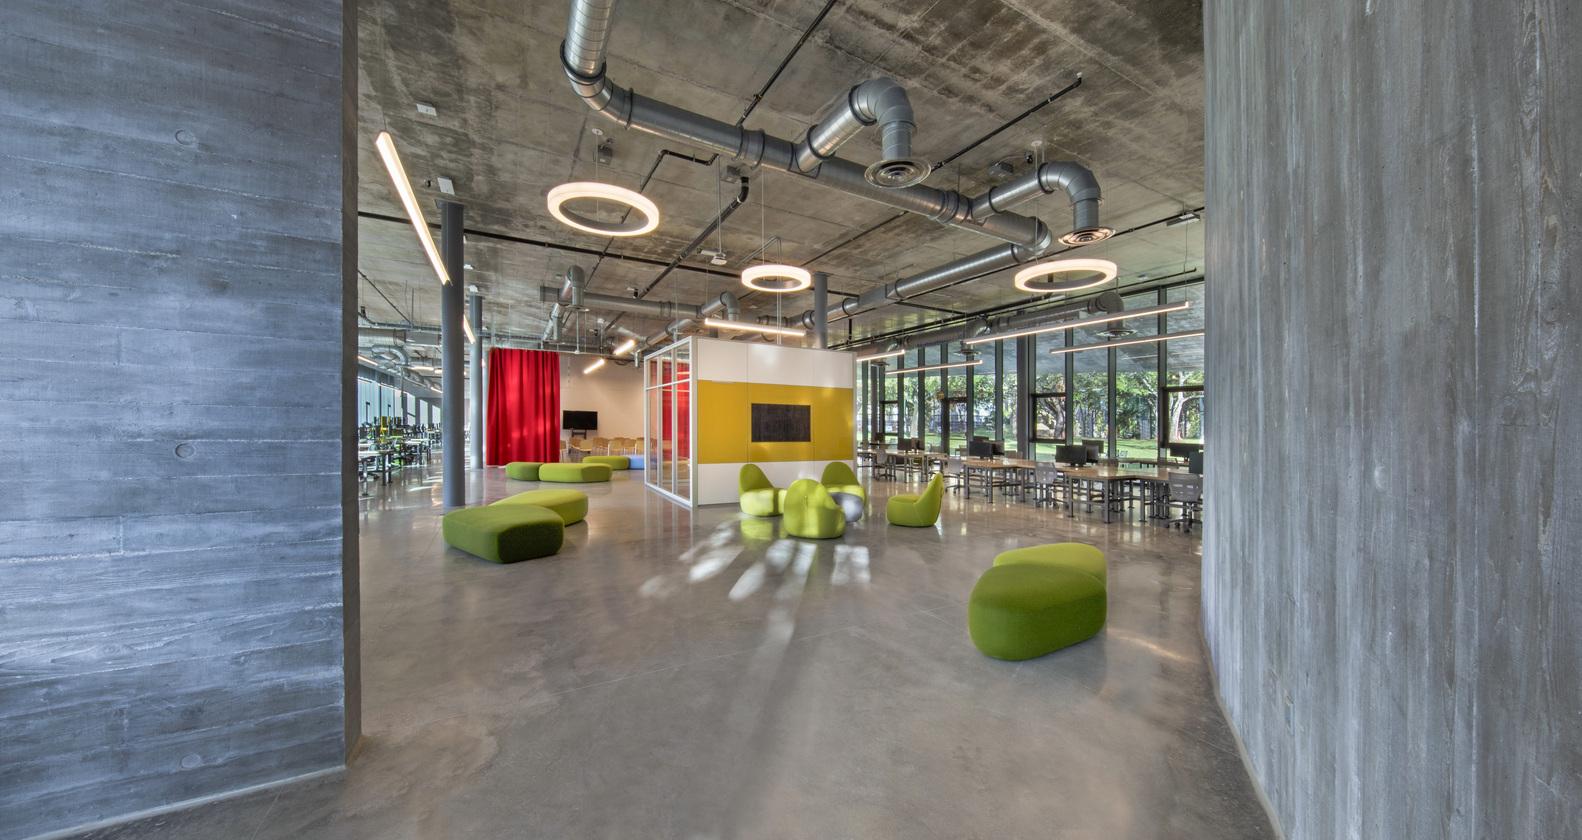 |迈阿密大学建筑学院学生工作室